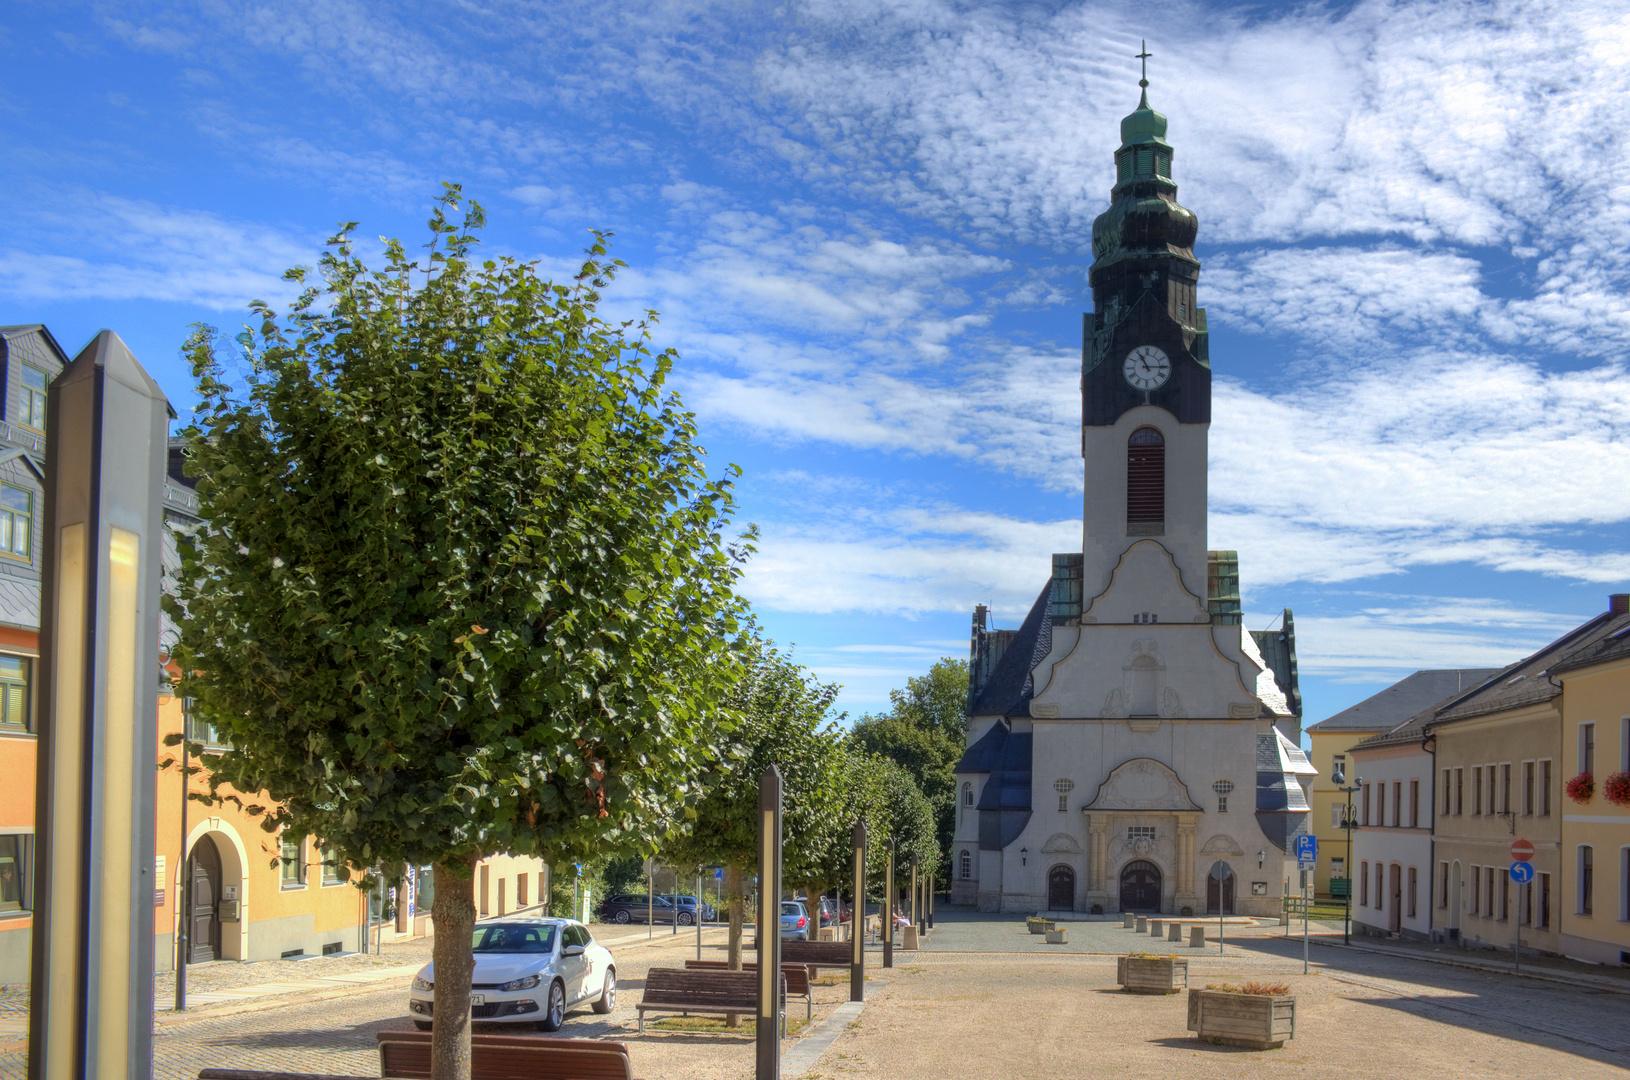 Marktplatz Adorf/Vogtl